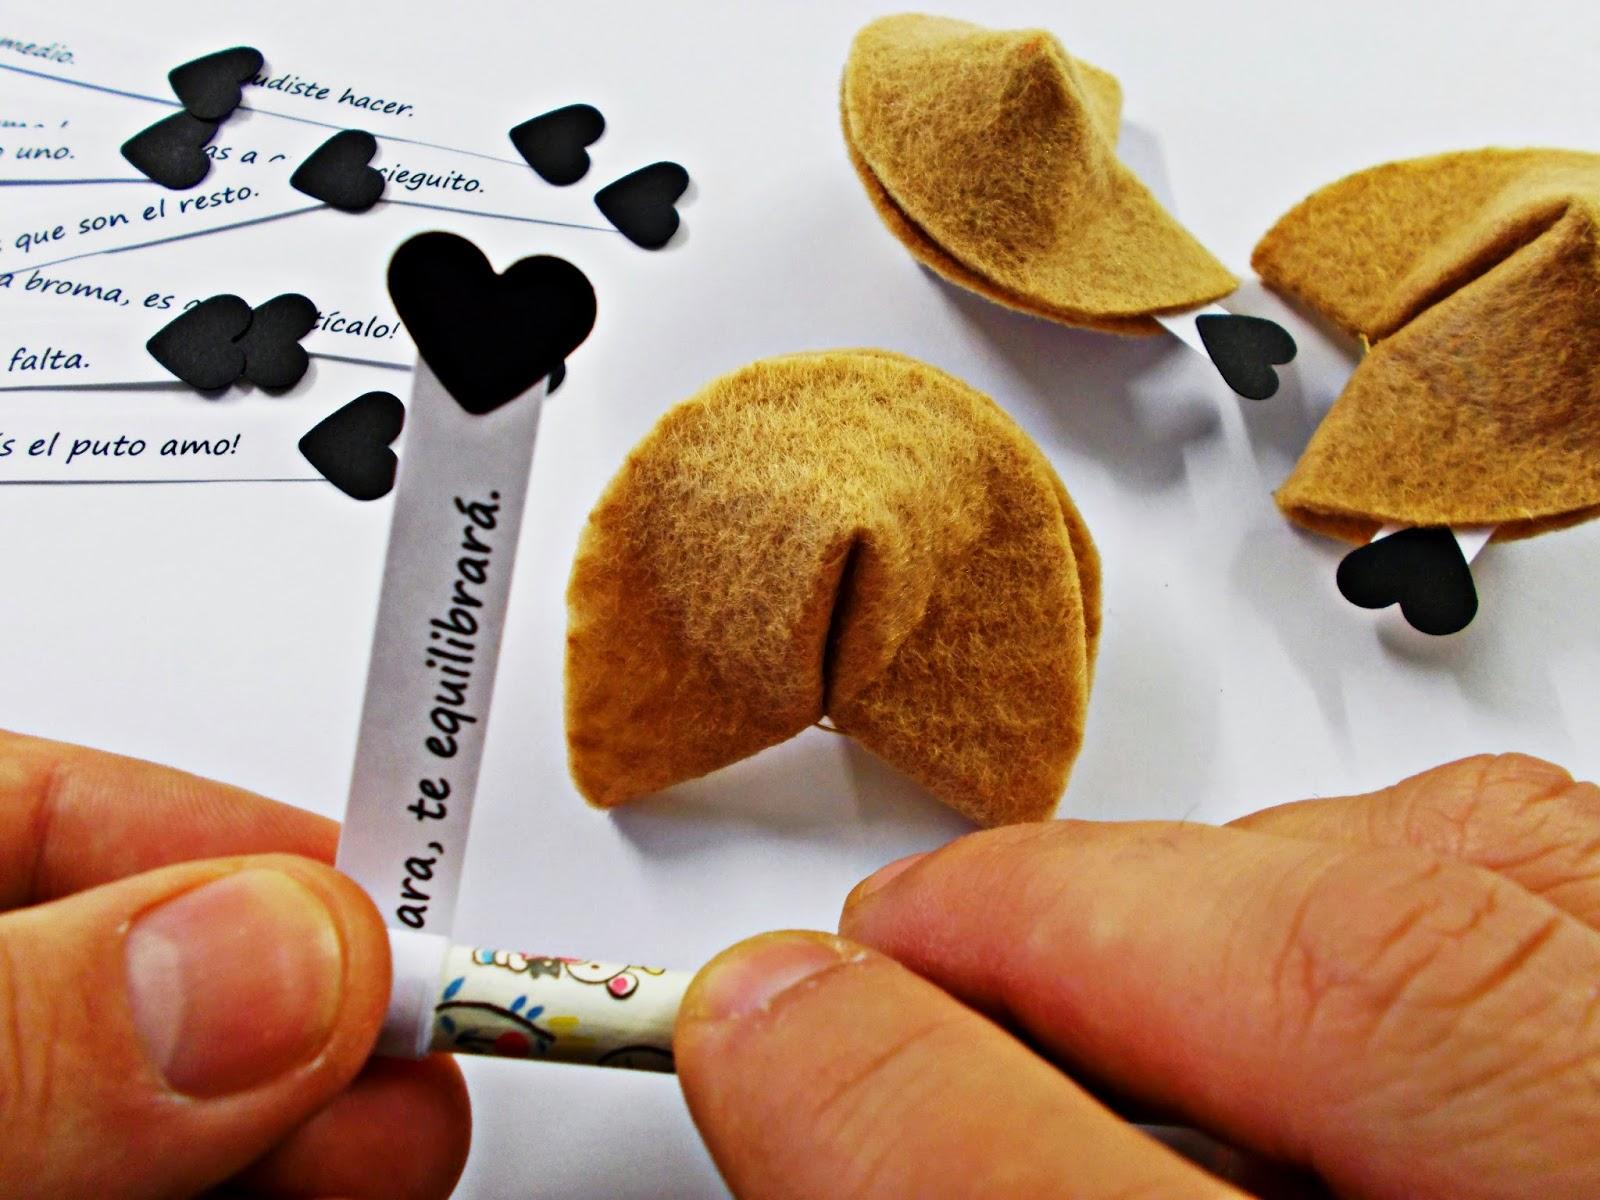 #BLOGERSANDO-diy-propósitos 2015-propósitos año nuevo-galletas de la fortuna-fieltro-papiroflexia-japonés-galletas de la suerte-deseos-7